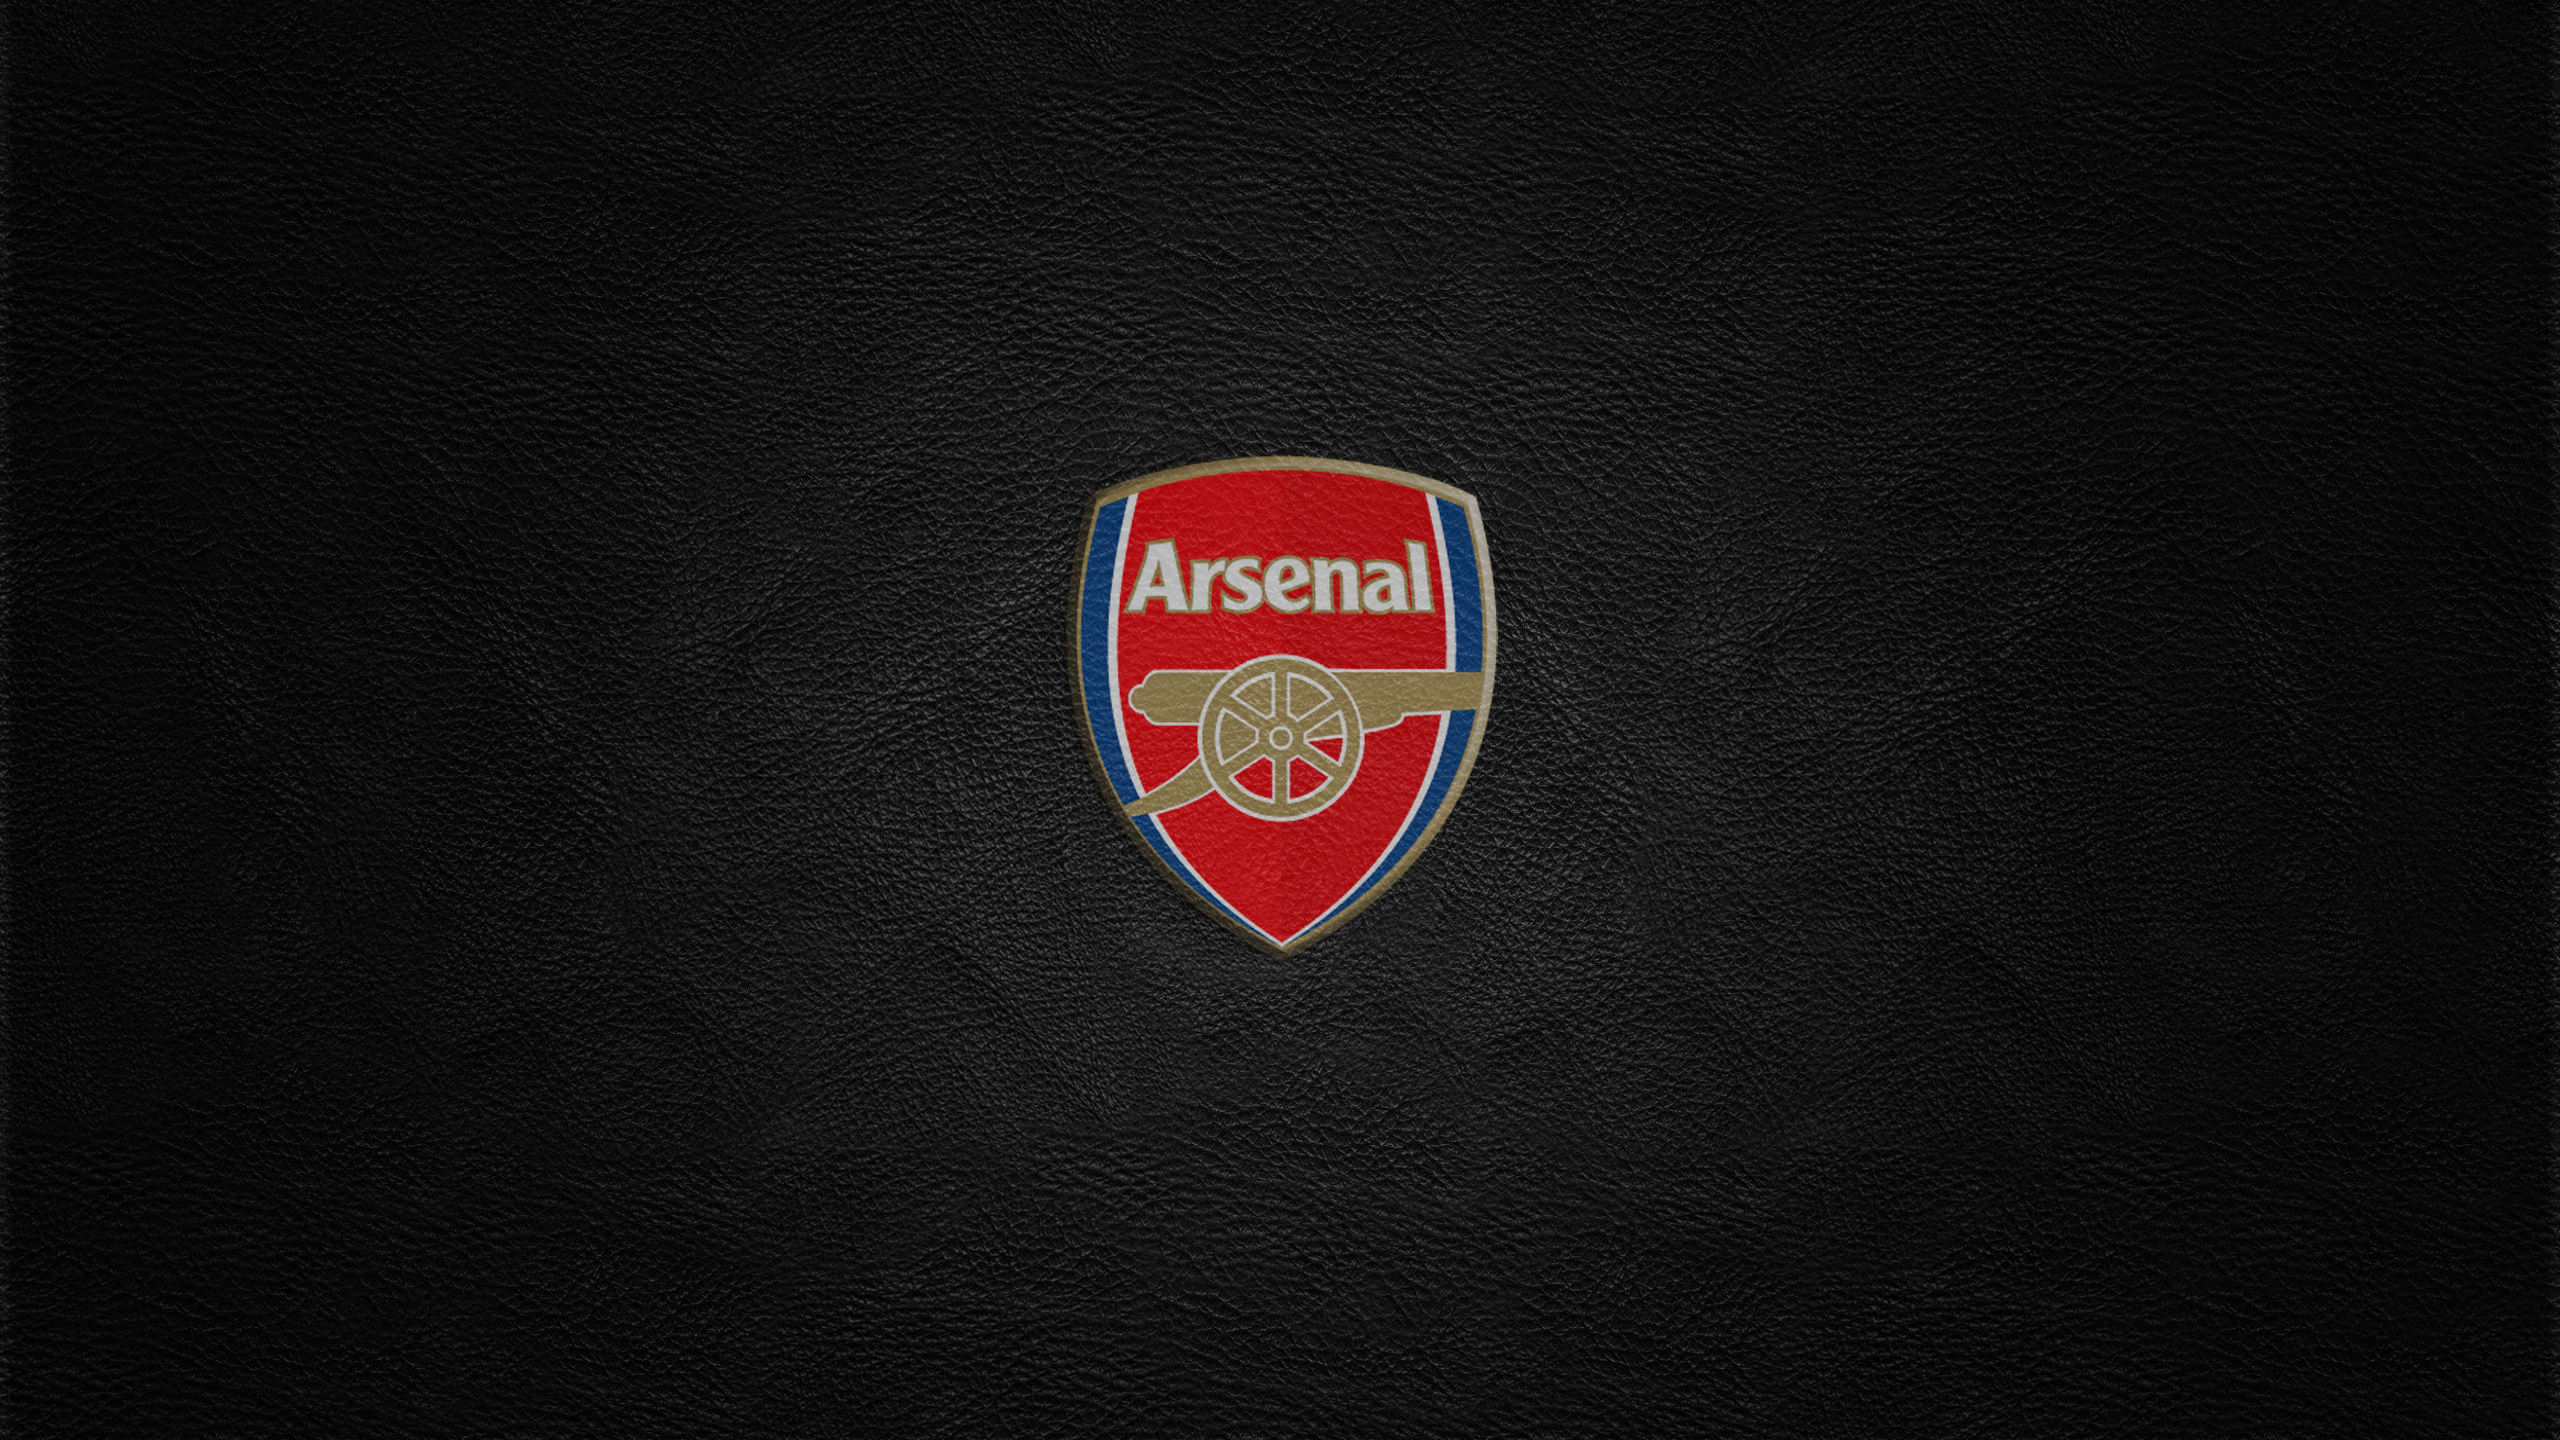 Arsenal The Gunners Wallpaper 11406 Wallpaper Cool Walldiskpaper 2560x1440